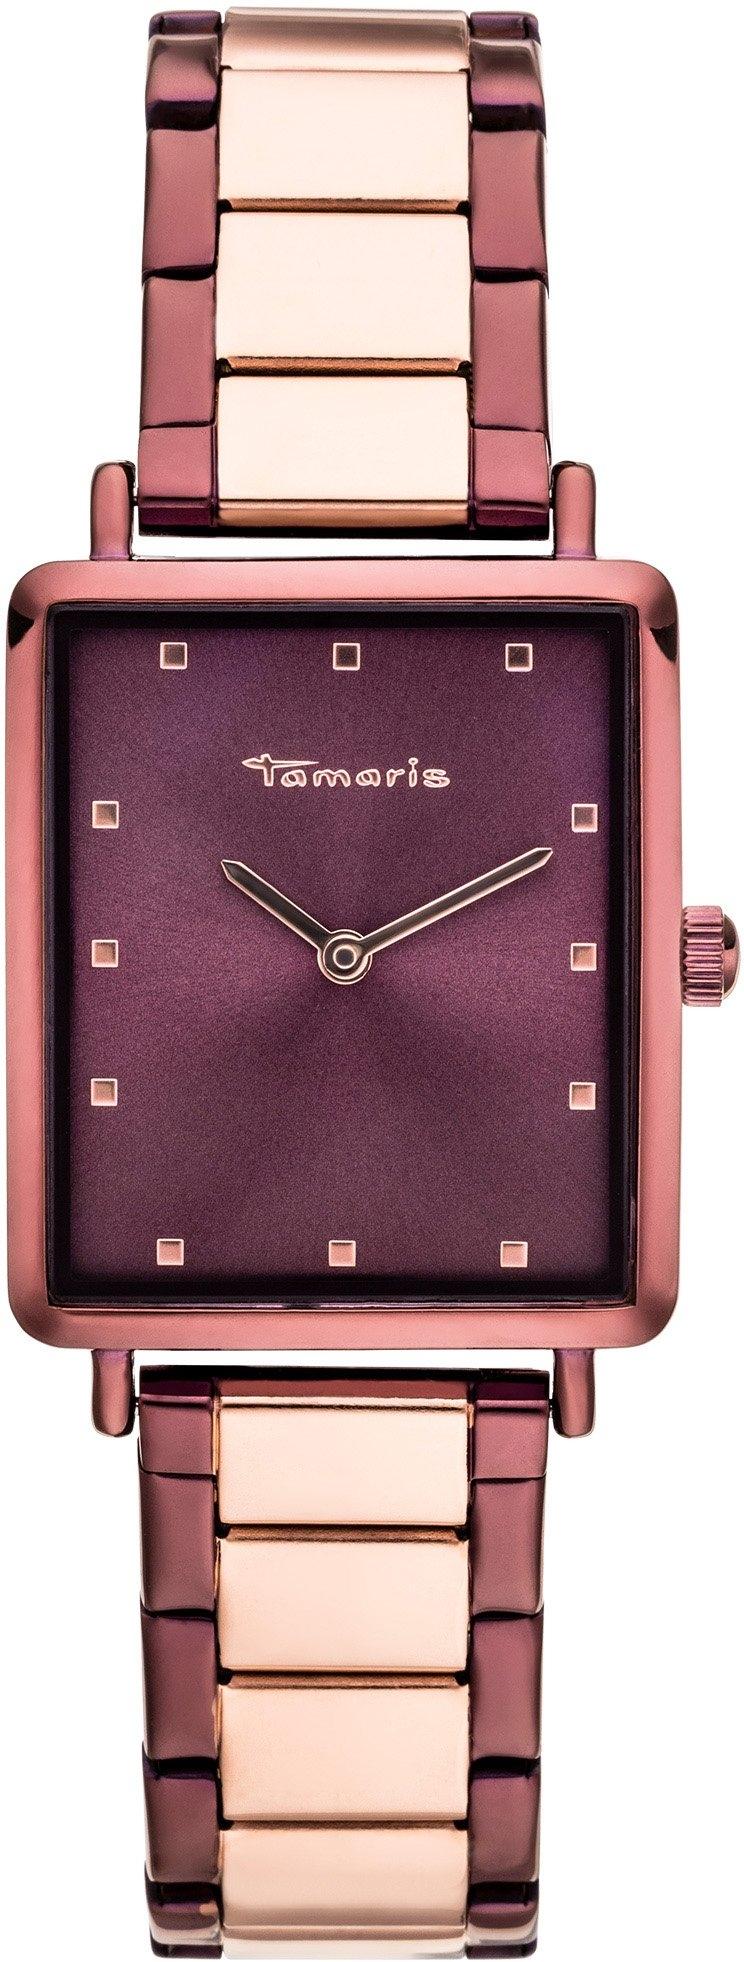 Tamaris kwartshorloge »Dana, TW306« bestellen: 30 dagen bedenktijd